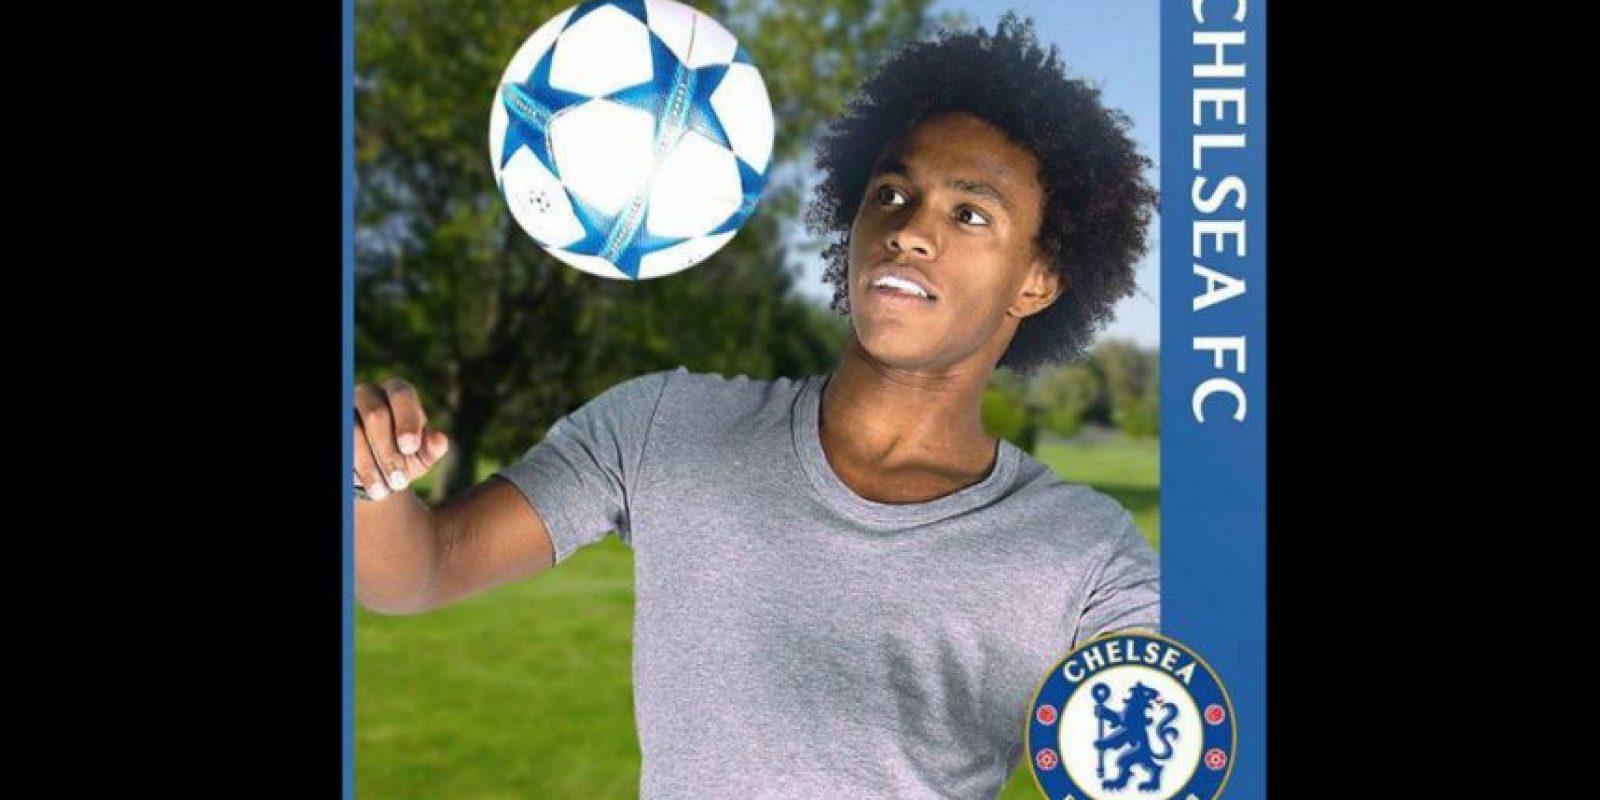 El futbolista brasileño Willian puso su foto de perfil con los colores del Chelsea. Foto:Vía facebook.com/ChelseaFC